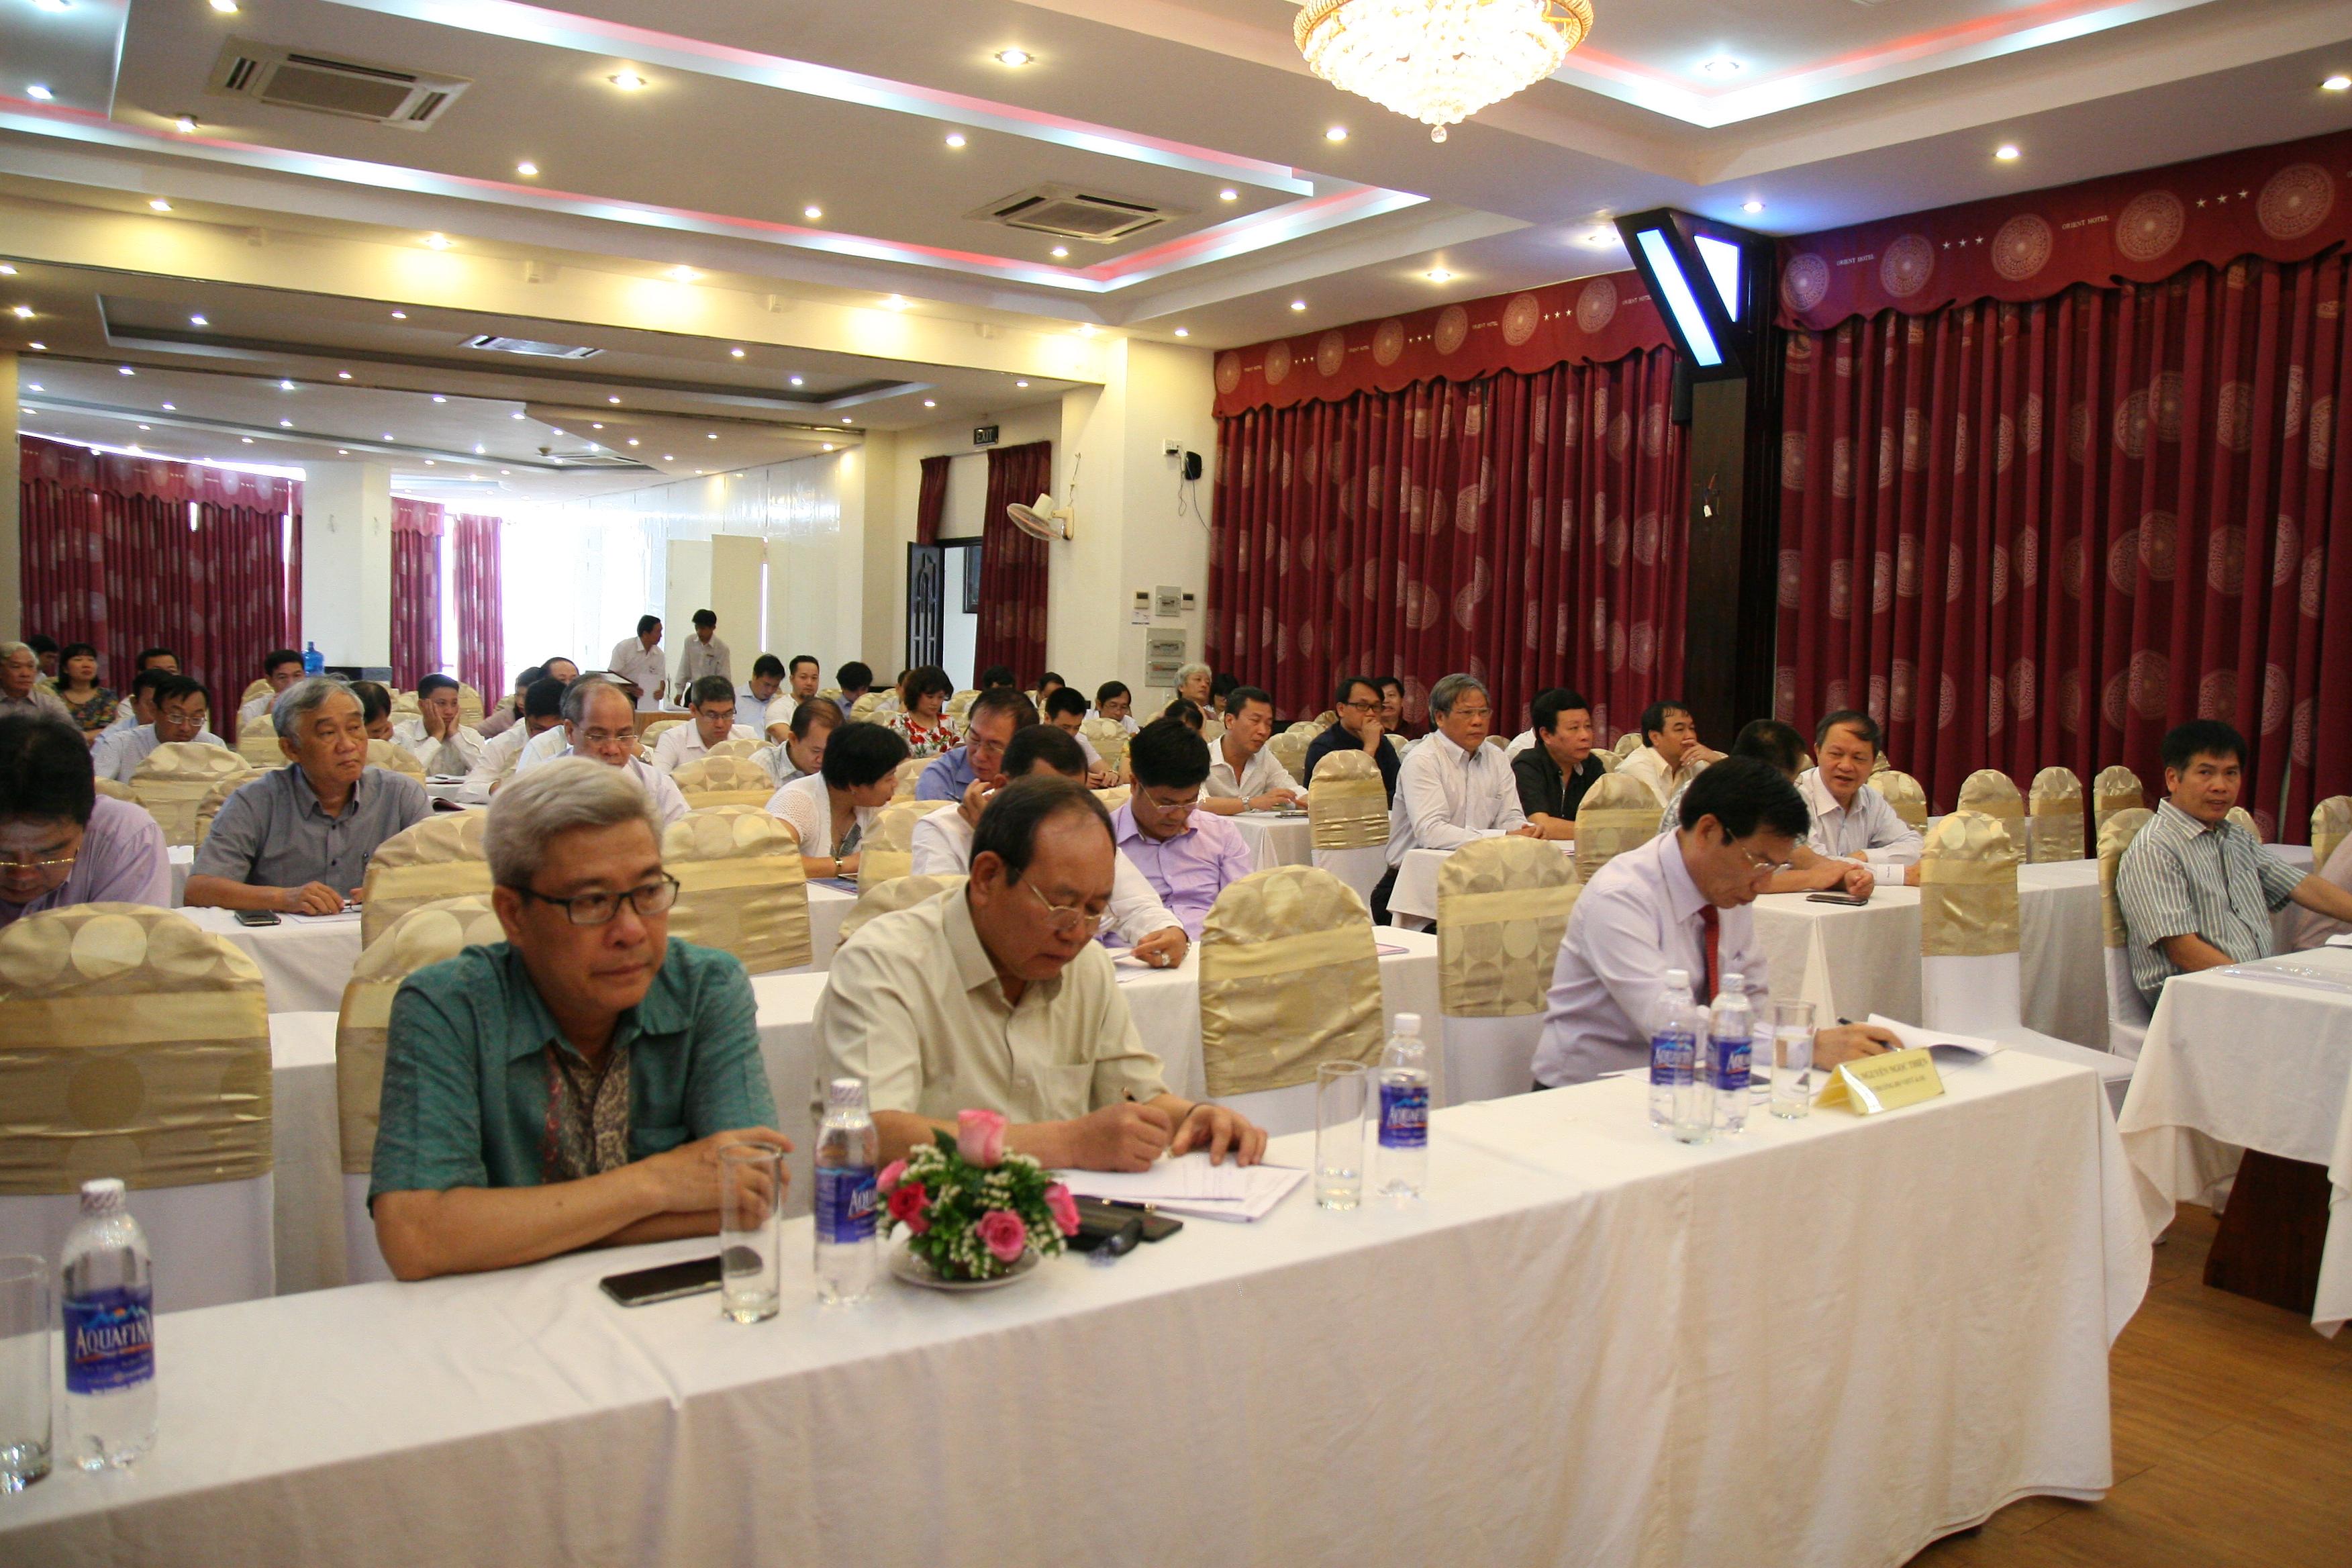 Kết quả hình ảnh cho tổ chức sự kiện hội nghị, hội thảo 2017